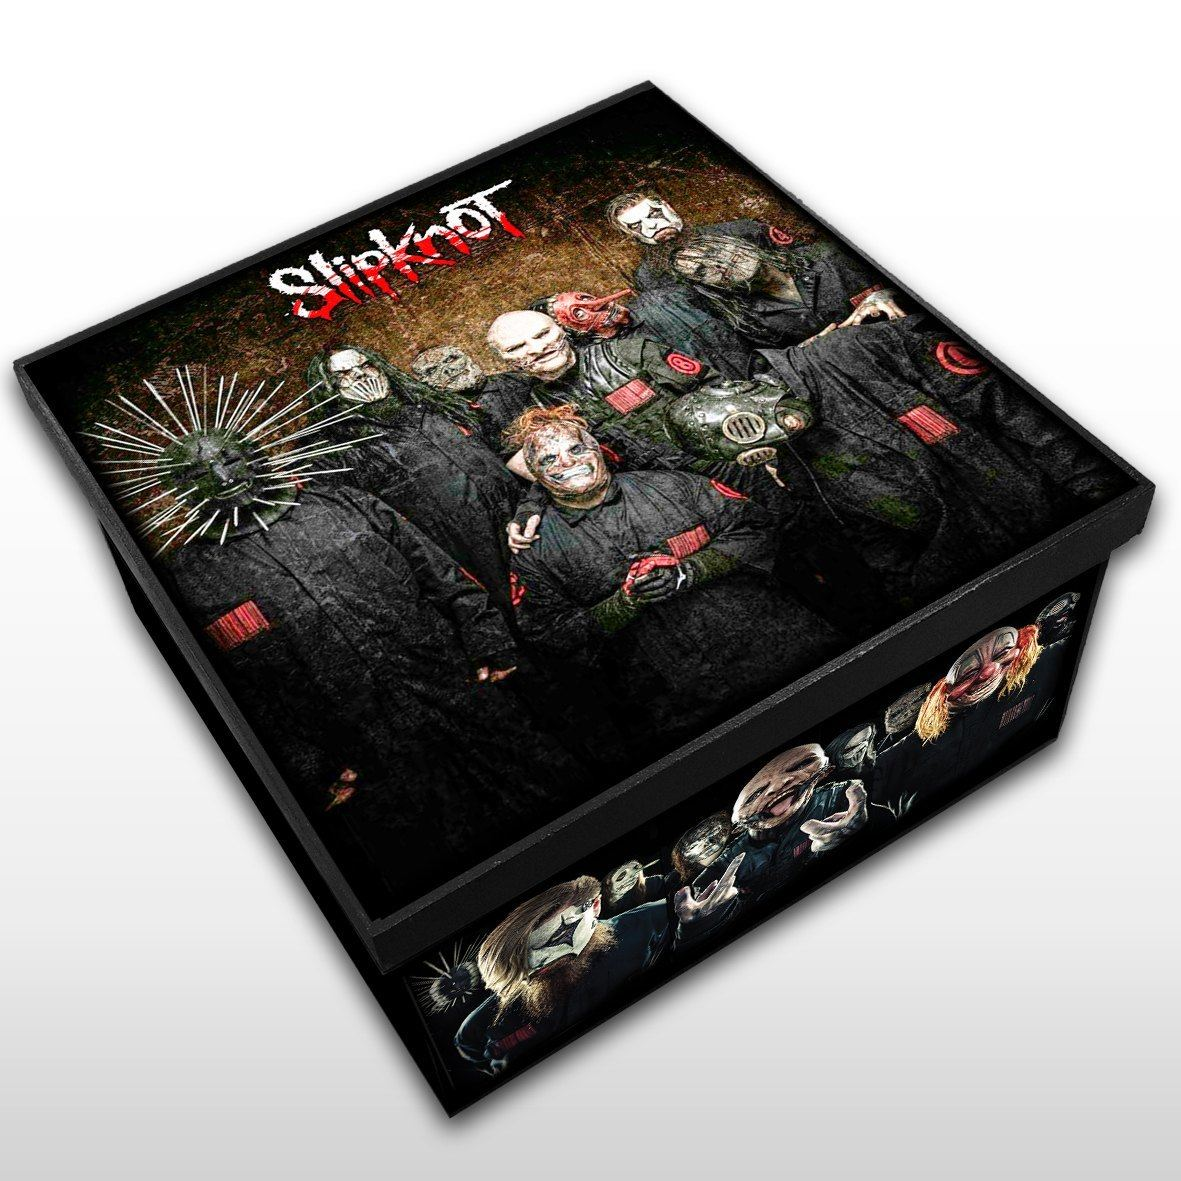 Slipknot - Caixa em Madeira MDF - Tamanho Médio - Mr. Rock